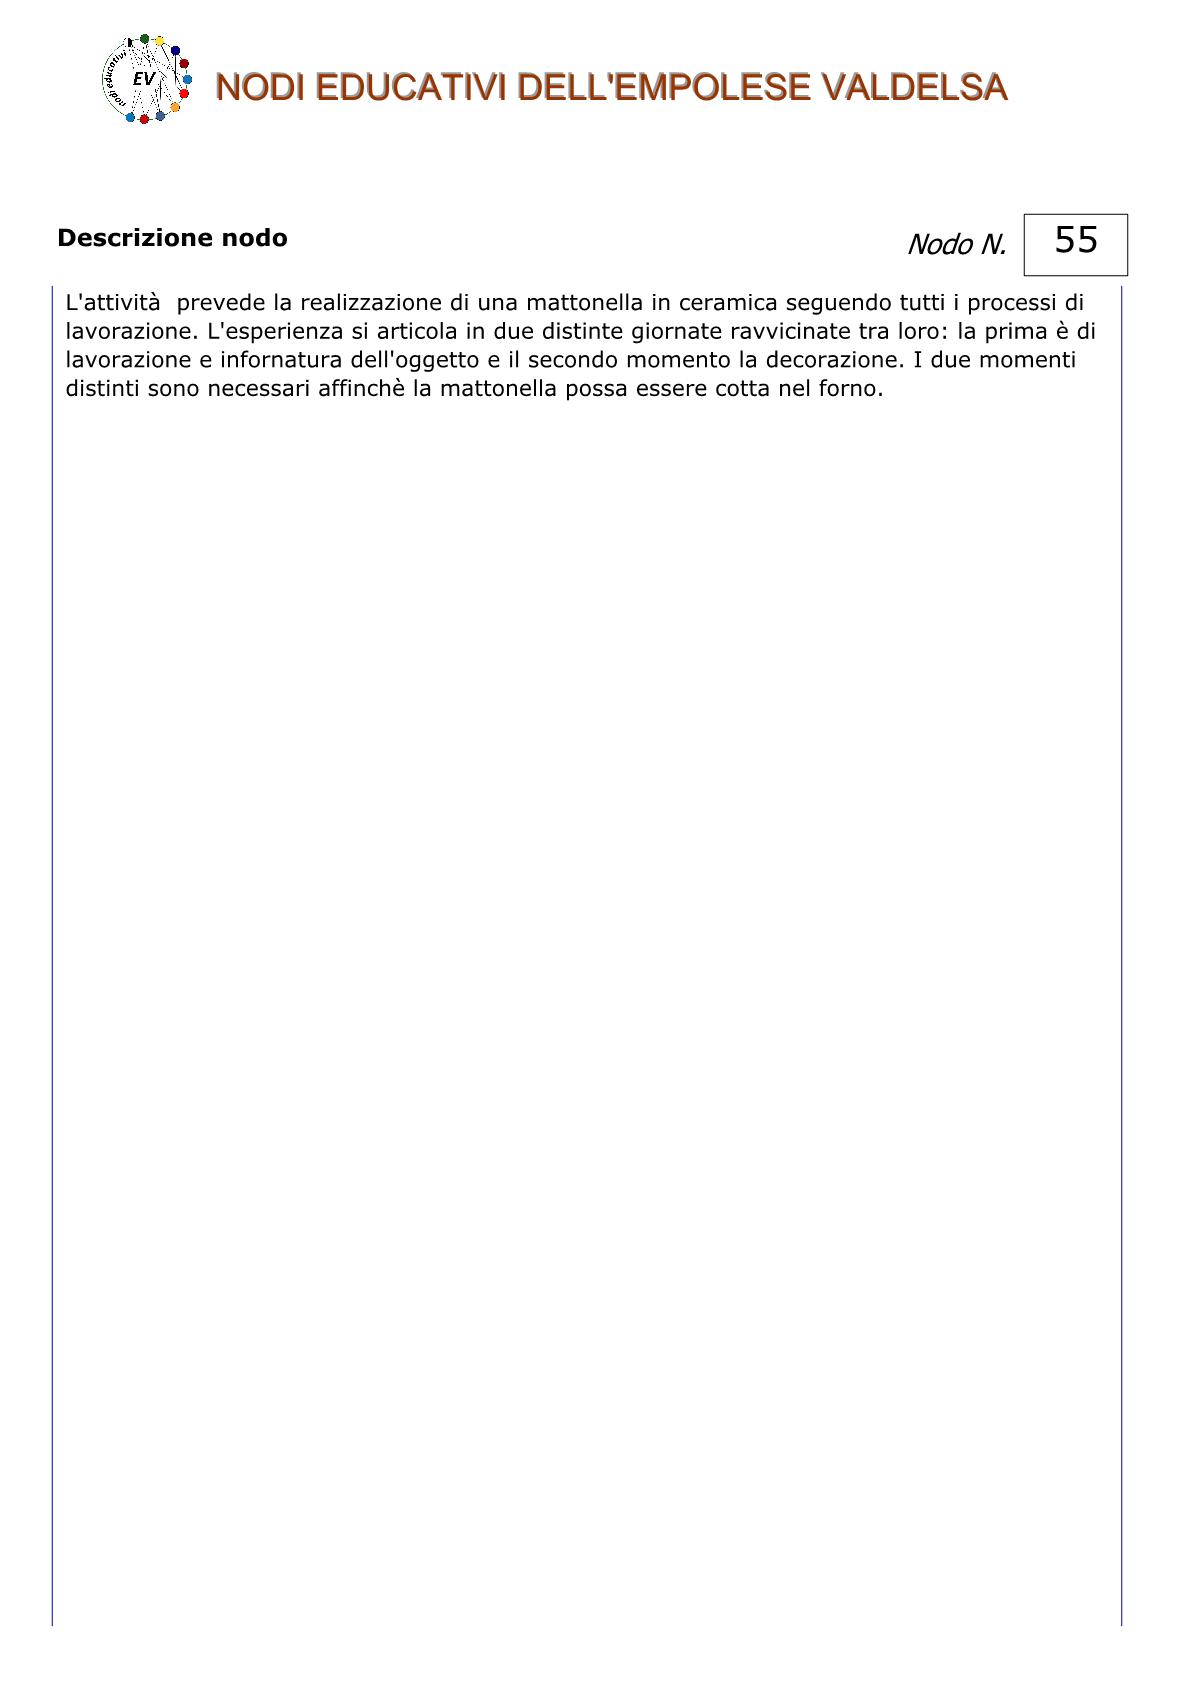 nodi-ev-161001-n-0552